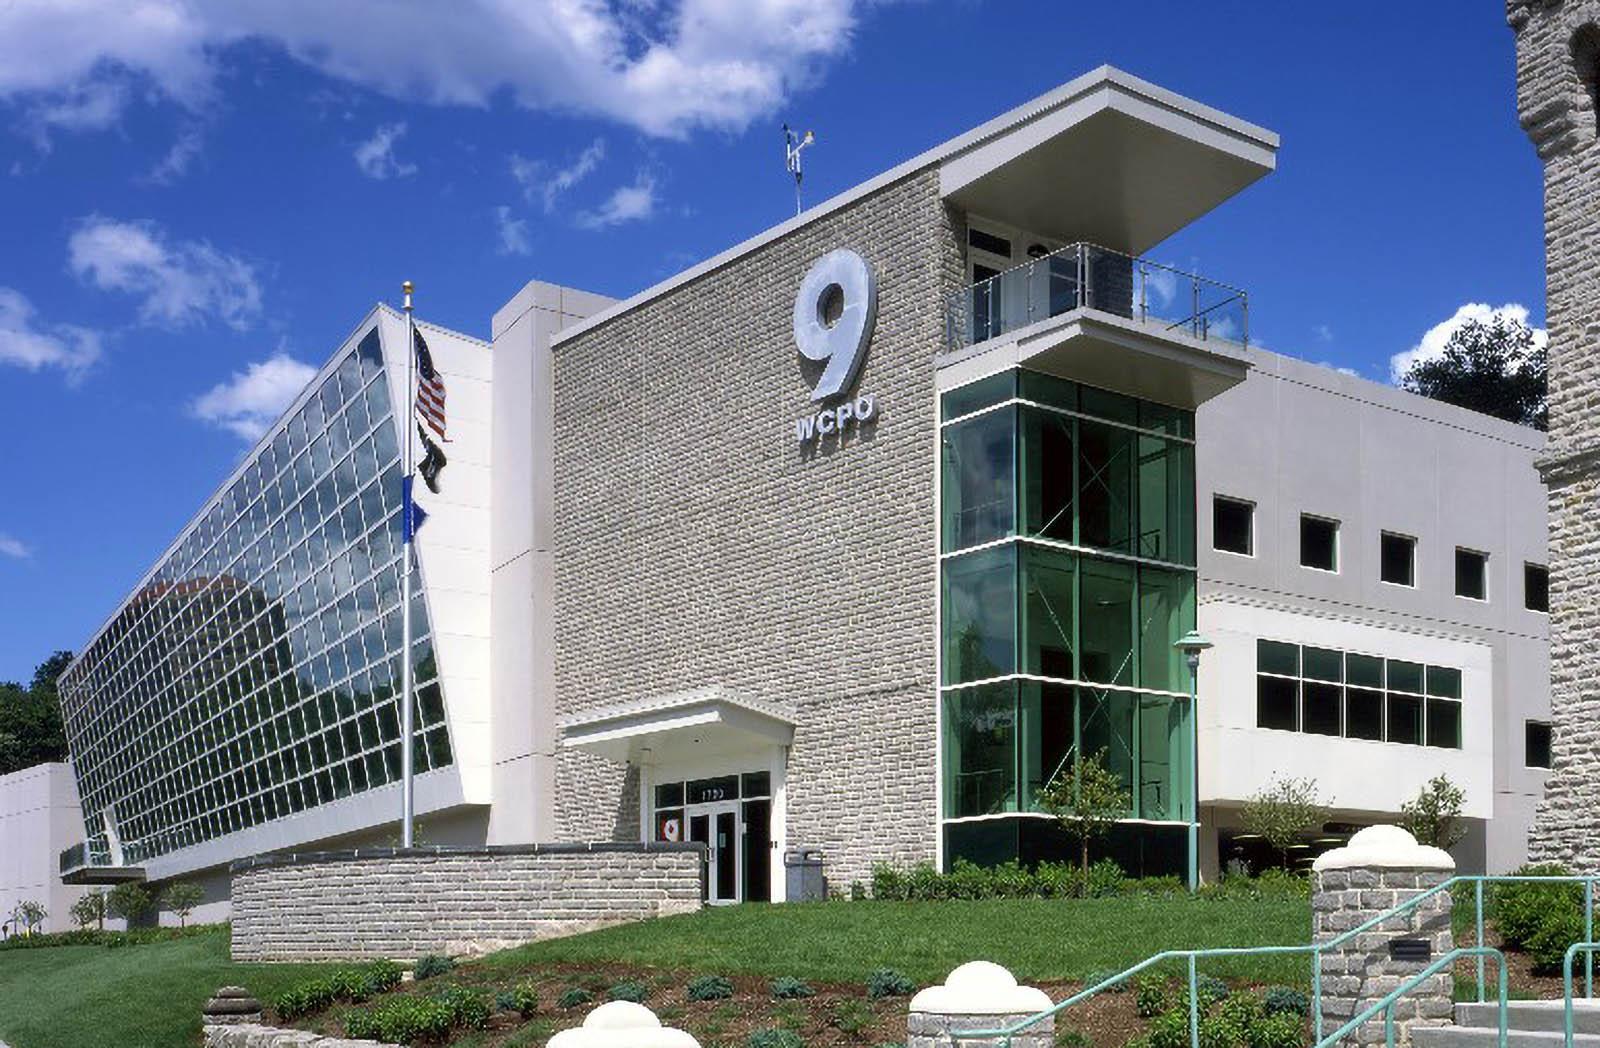 Studio Building of WCPO News